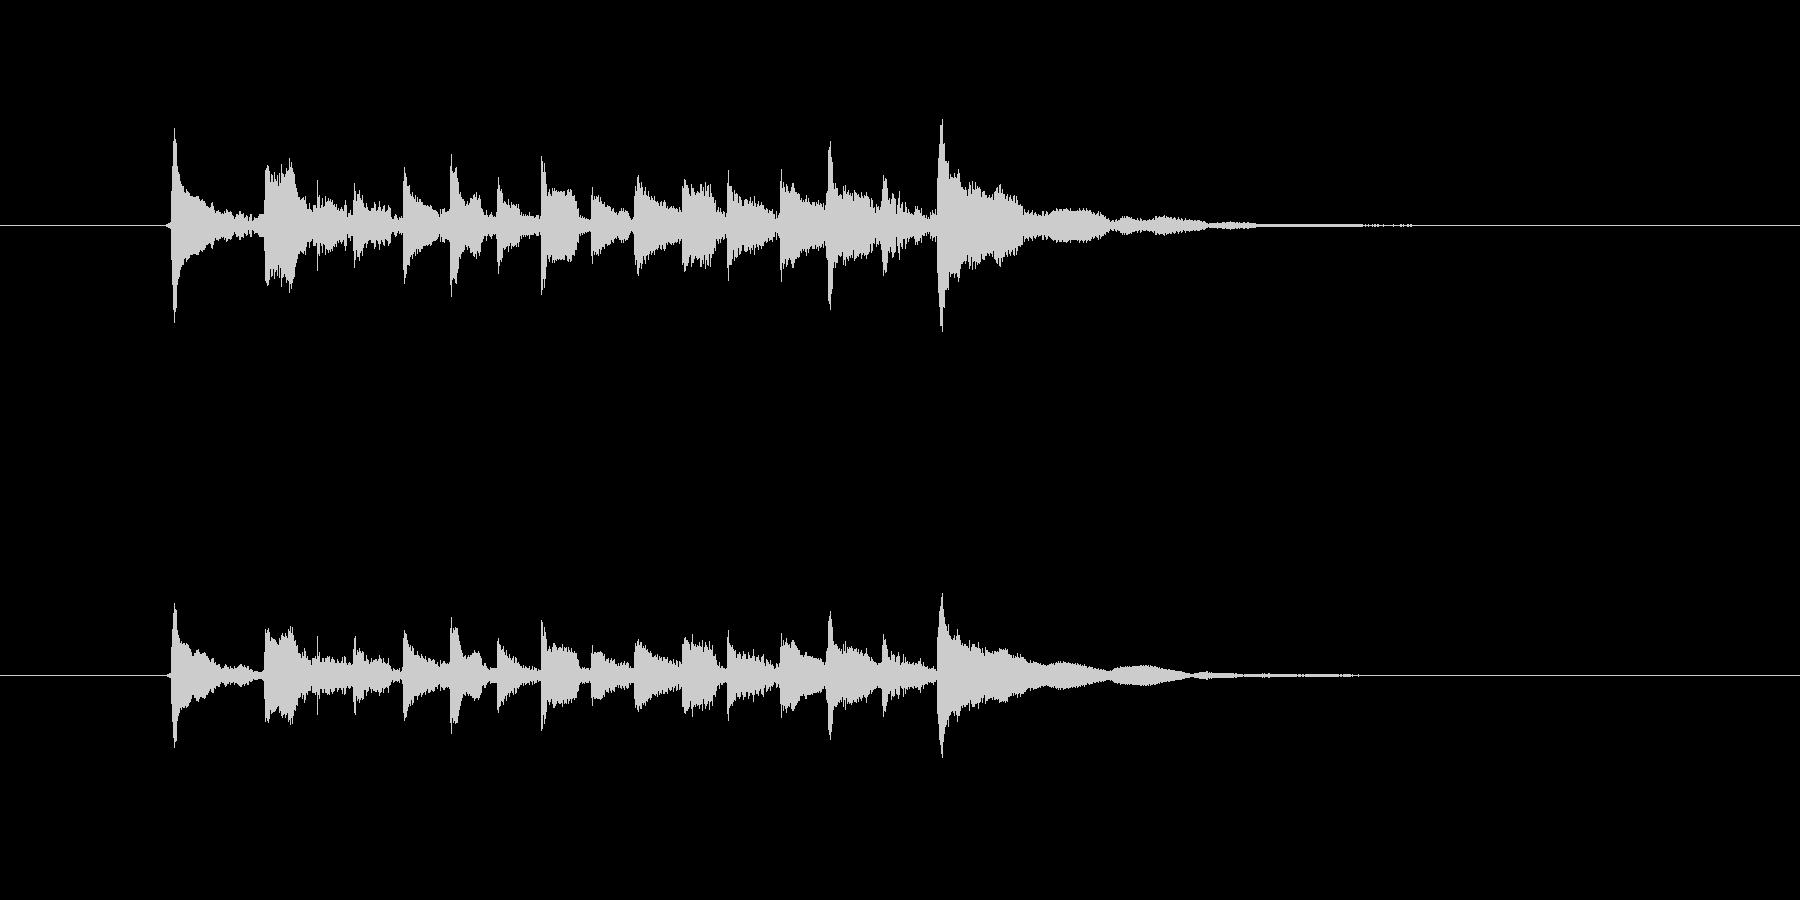 美しいギターメロディー(弦、弾く)の未再生の波形